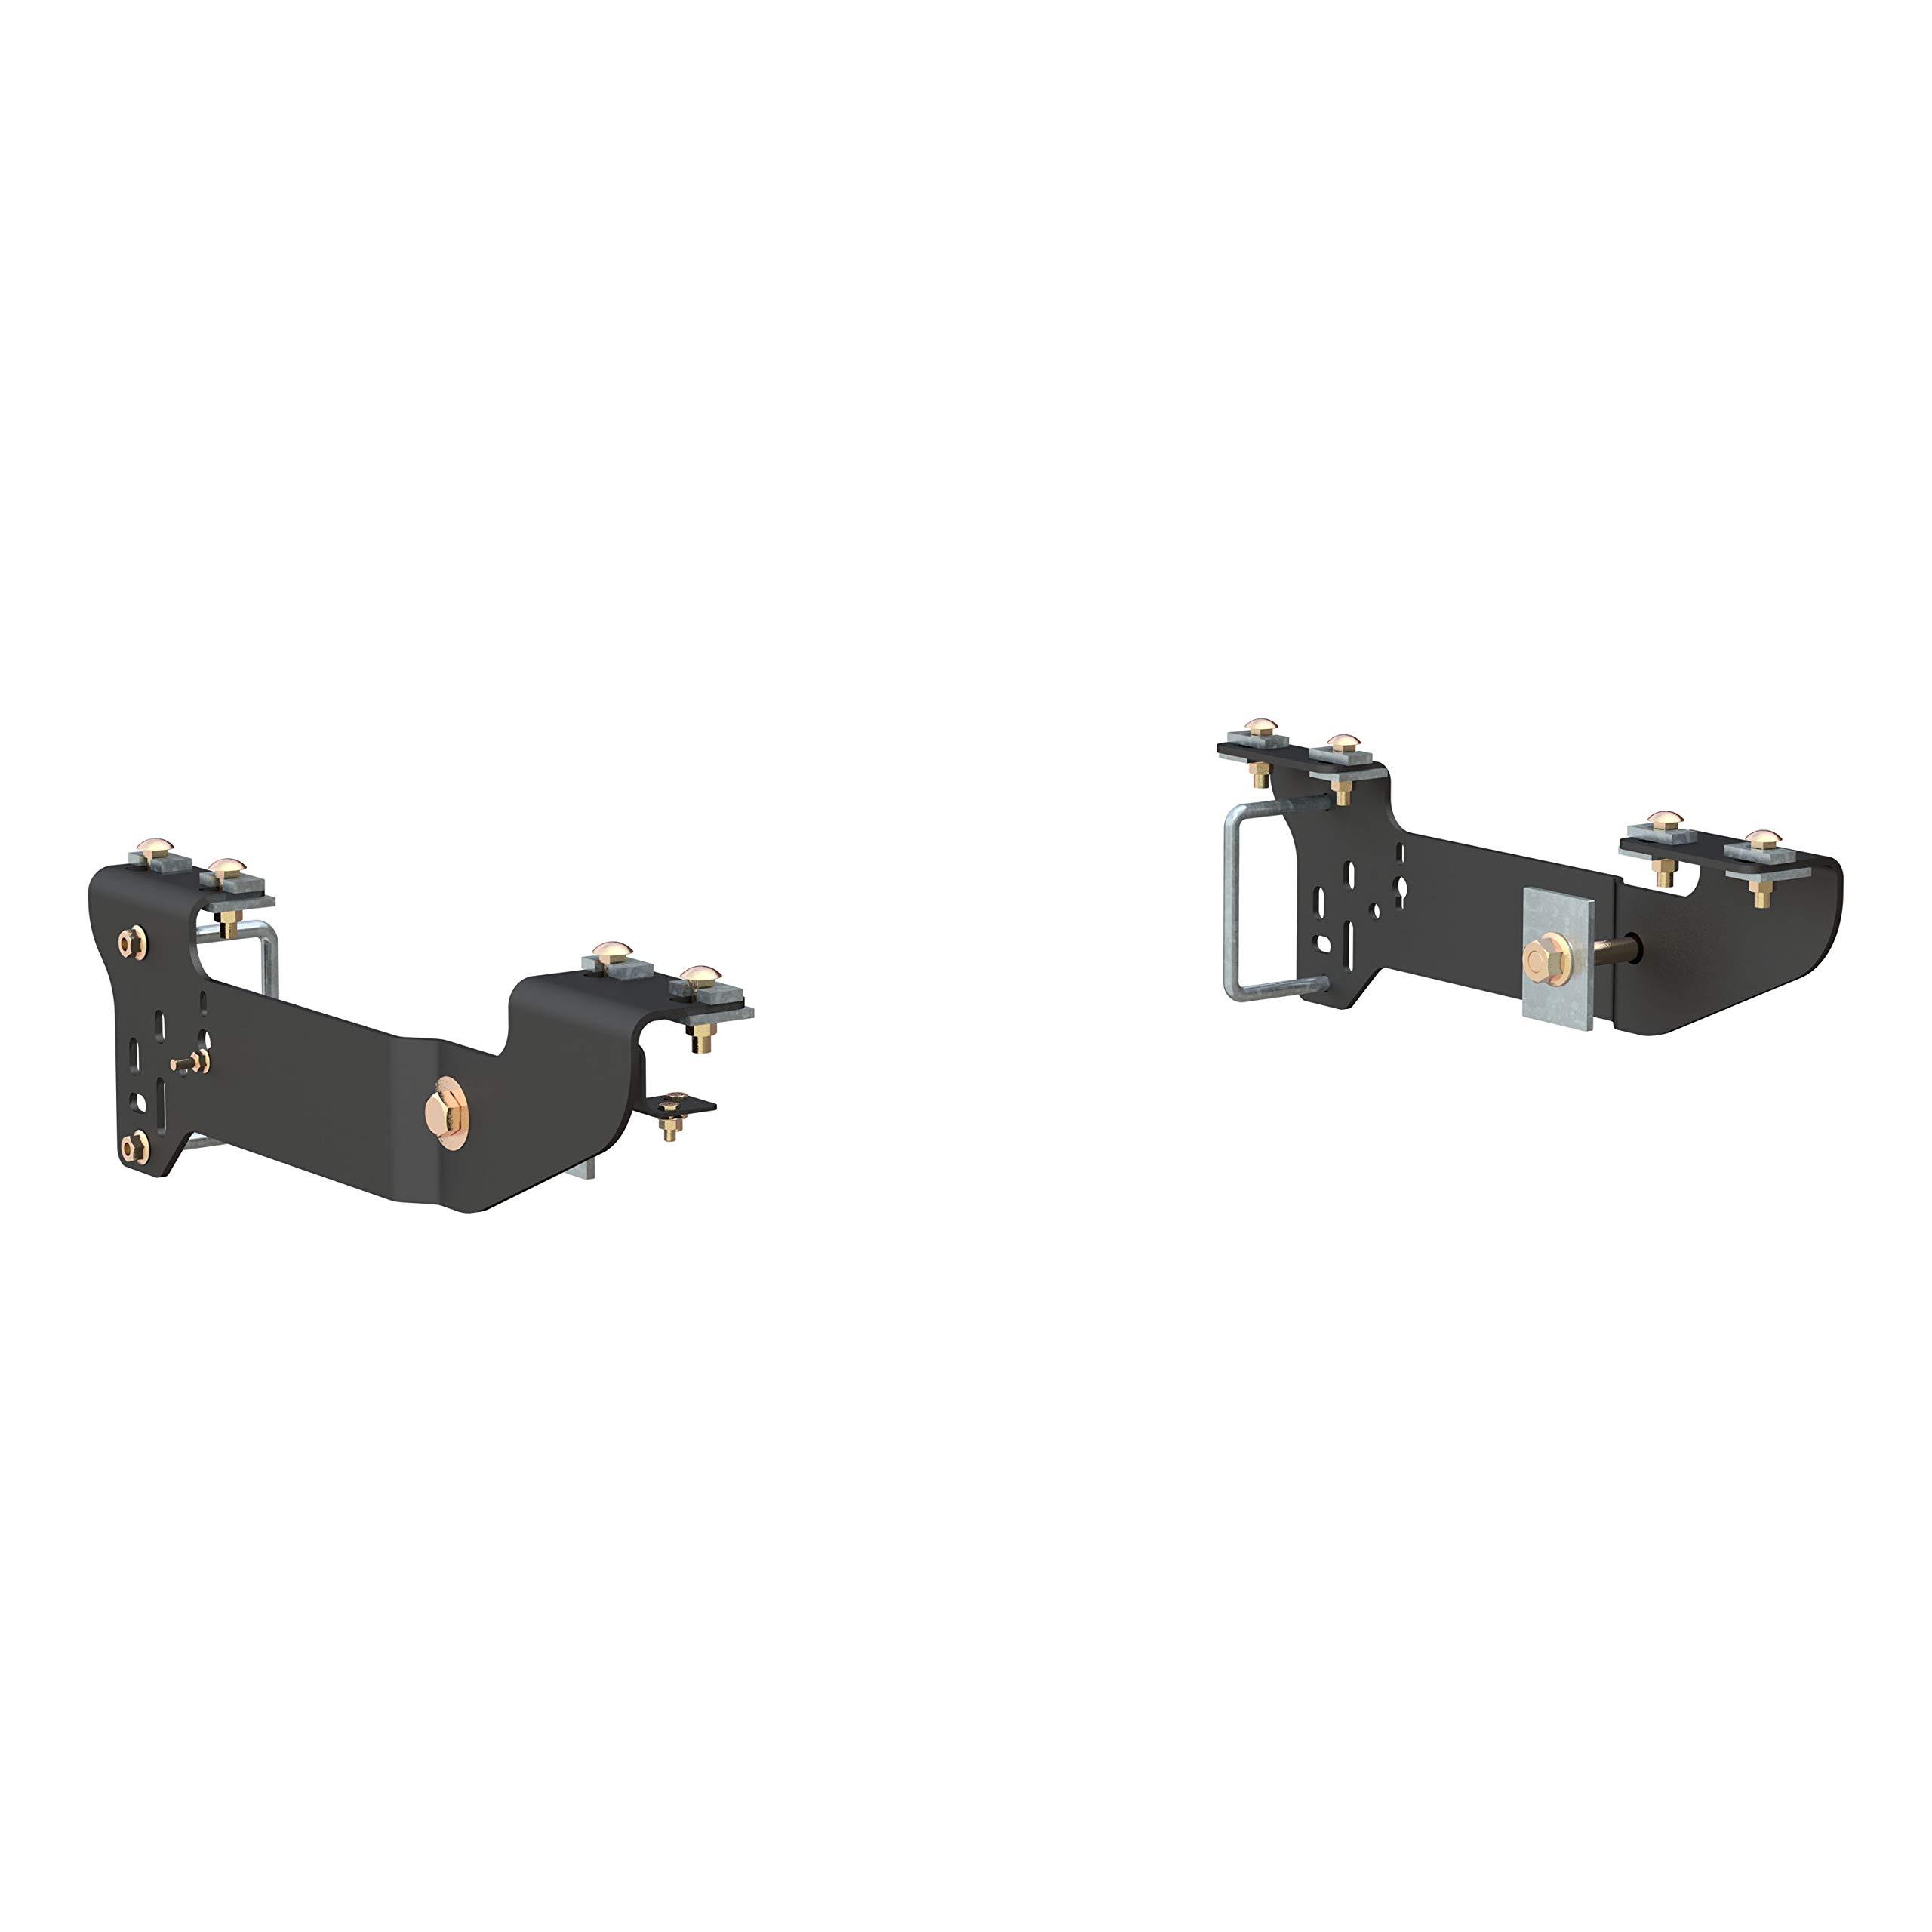 CURT 16400 Black 5th Wheel Hitch Installation Brackets for Select Chevrolet Silverado, GMC Sierra 1500, 2500LD, 2500HD, 3500 by CURT